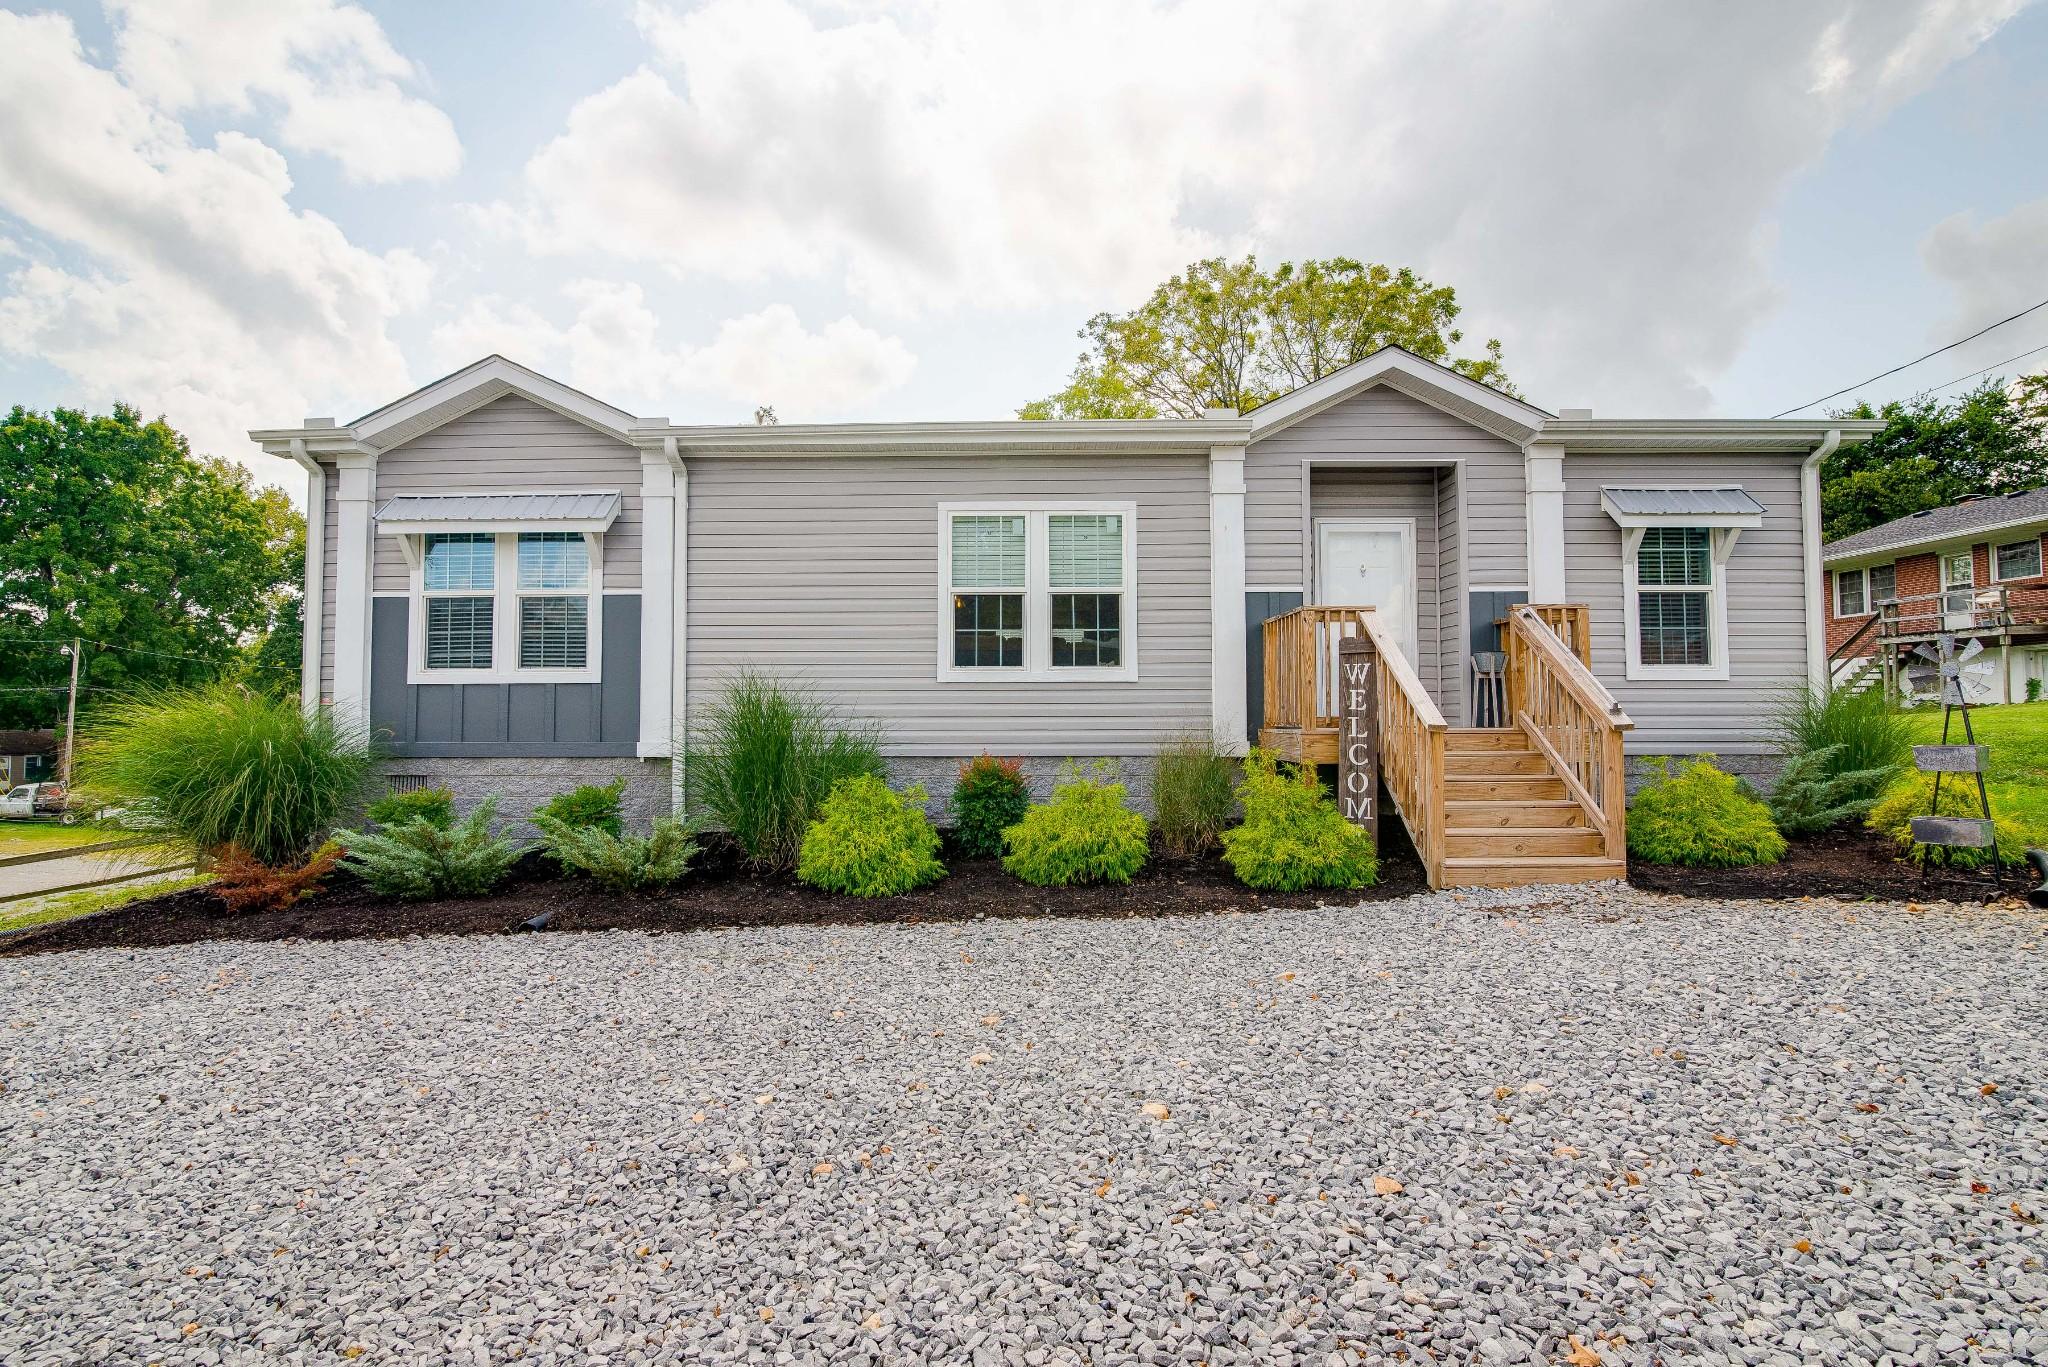 104 E Pond St Property Photo